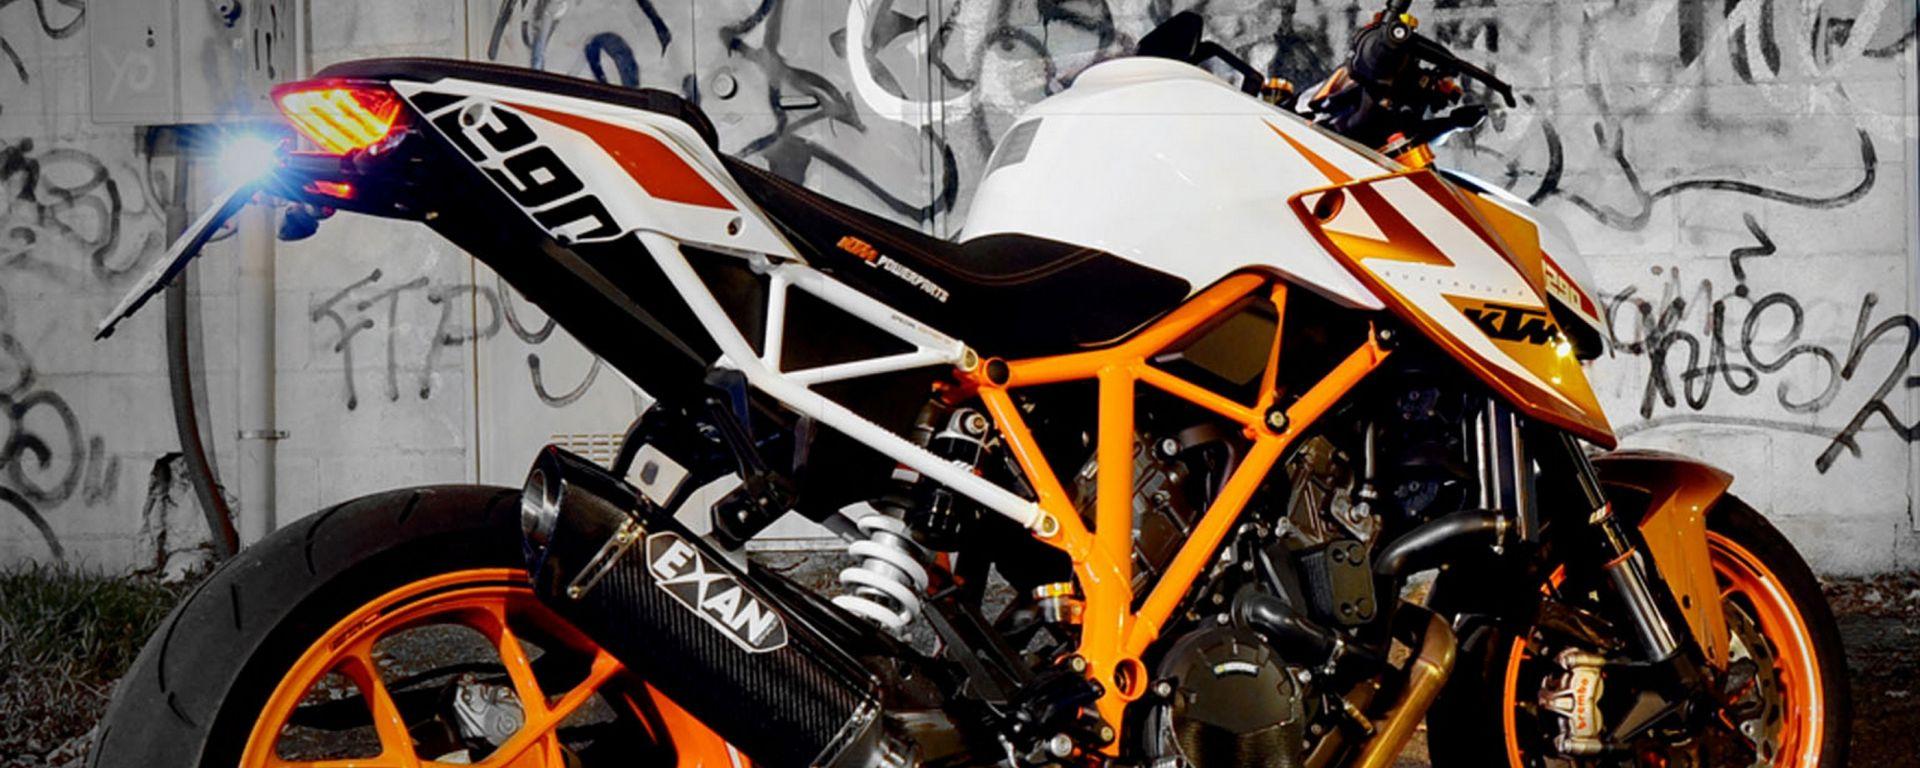 Exan ridisegna il lato B della KTM Super Duke 1290 R